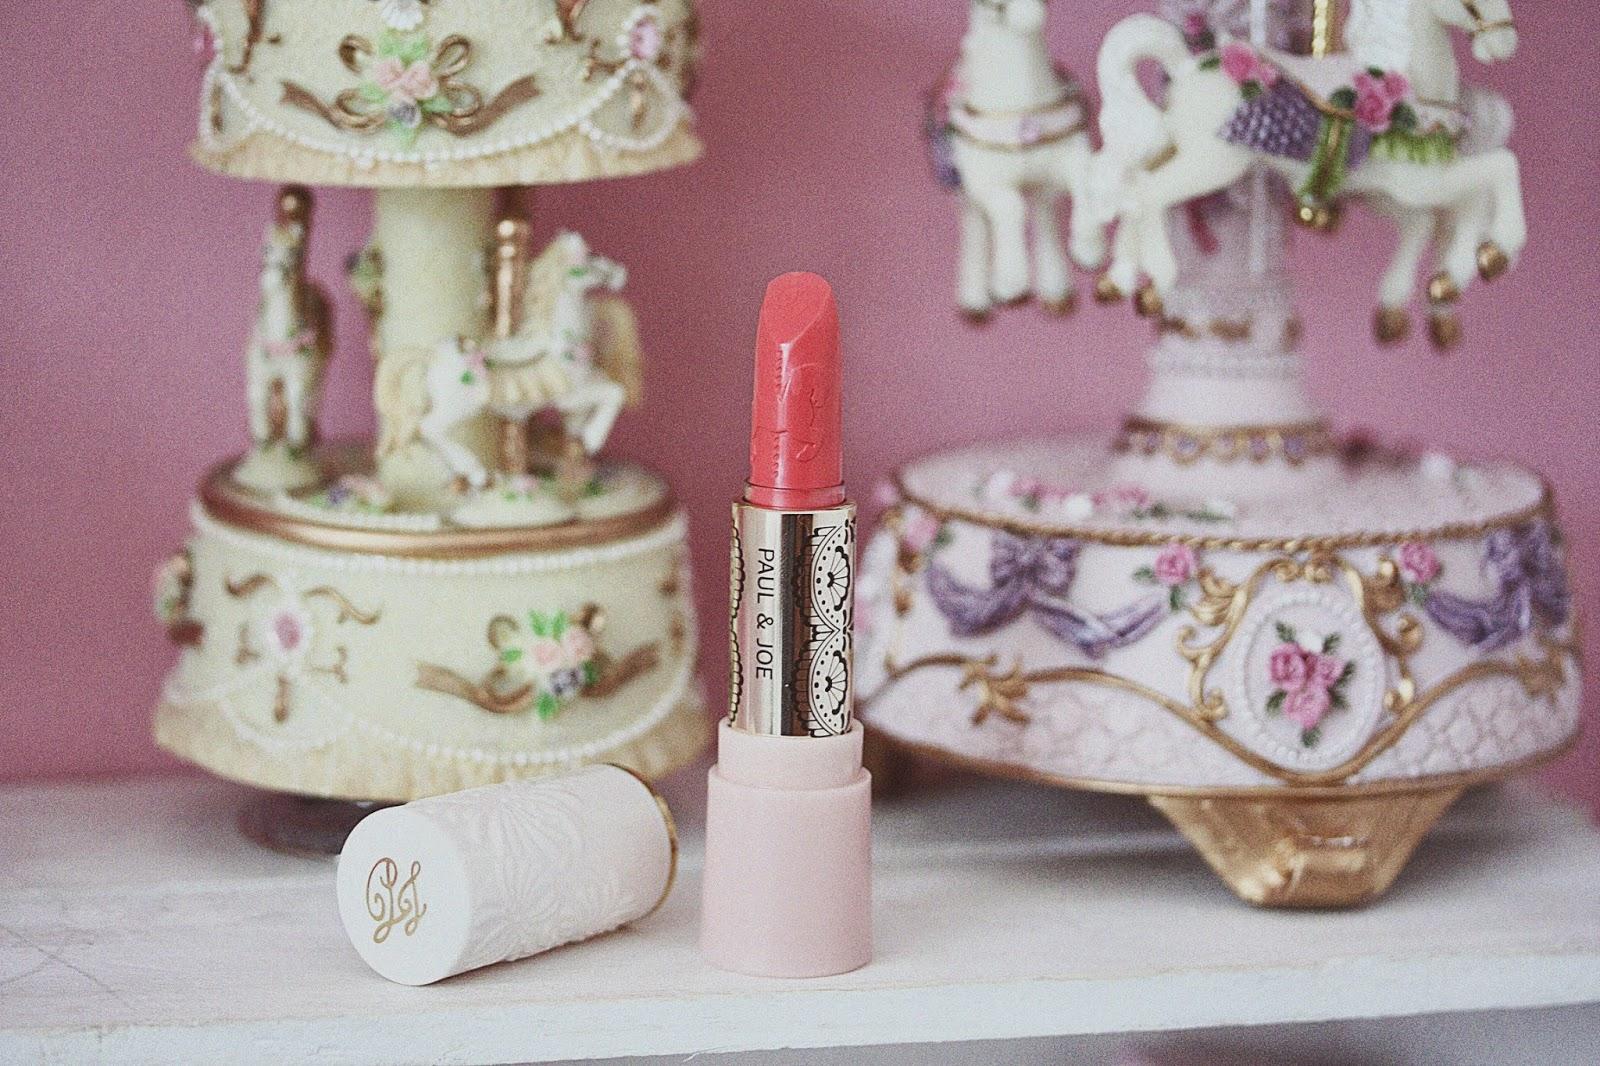 rose mademoiselle - paul and joe carousel beauté